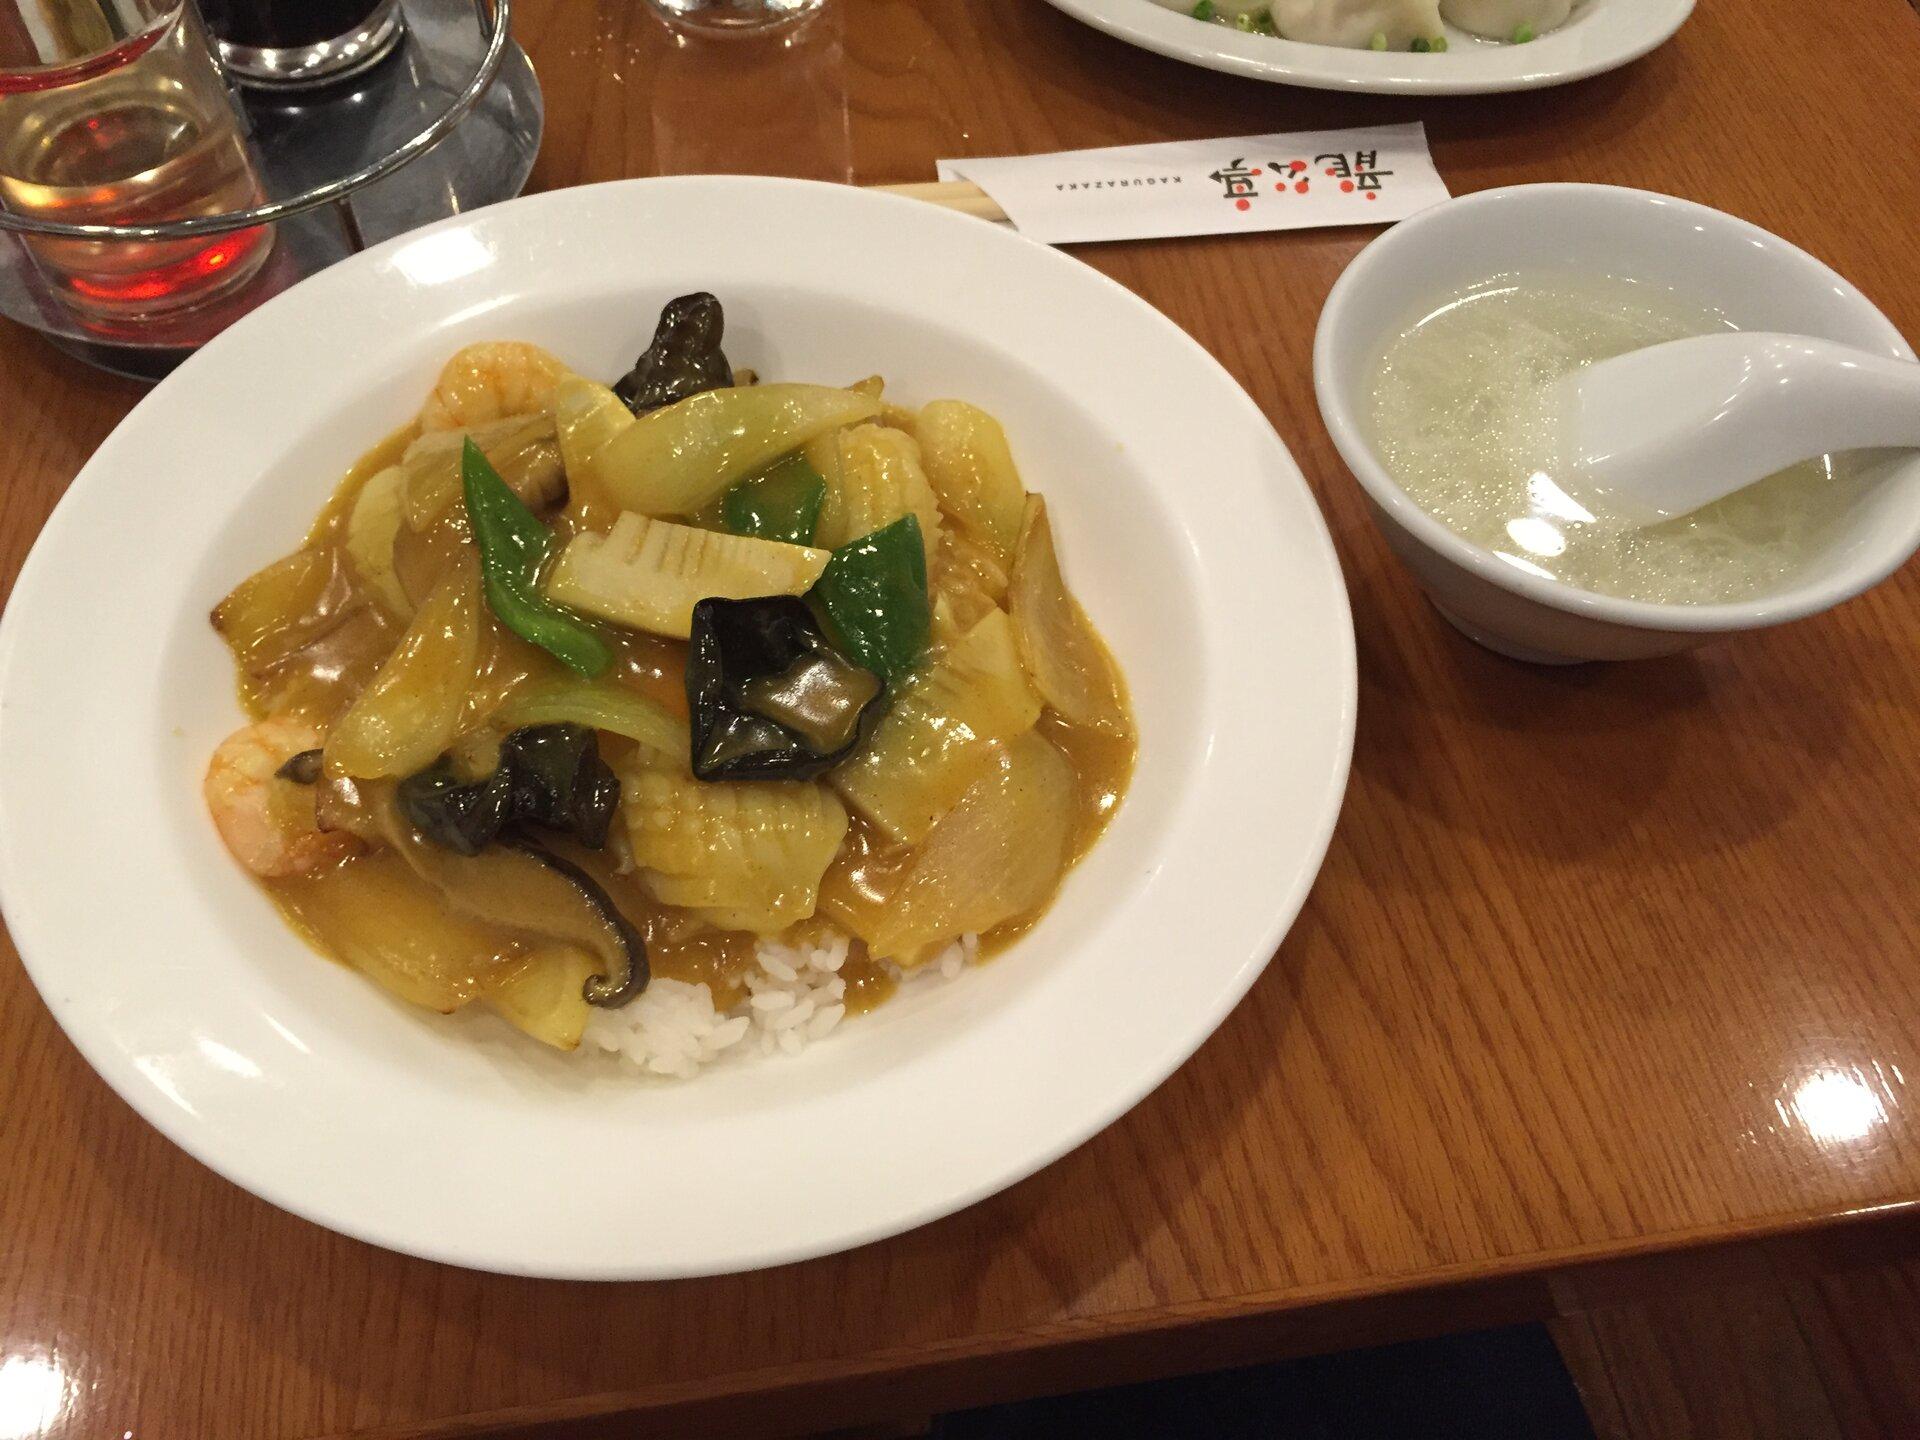 【え、これがカレーライス?!】神楽坂で130年続く中華料理!龍公亭で楽しむおすすめカレーライス!